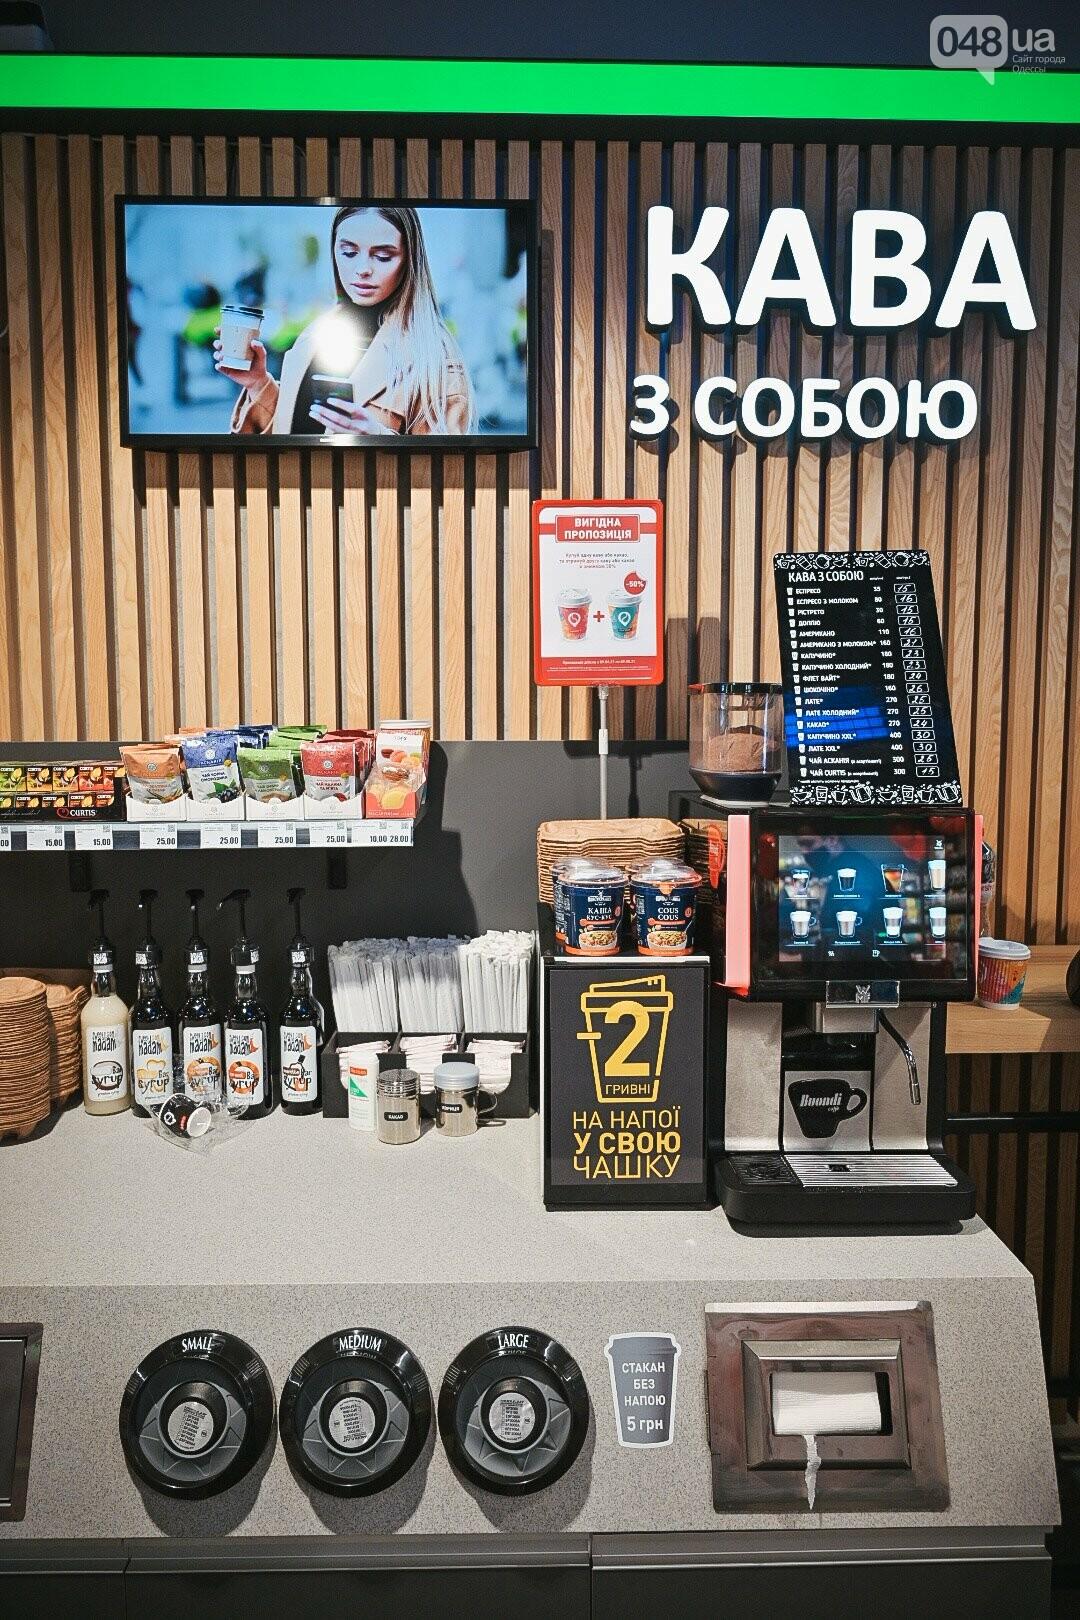 Напередодні великодніх і травневих свят компанія «Таврия В» відкриває одночасно два магазина в Одесі, фото-6